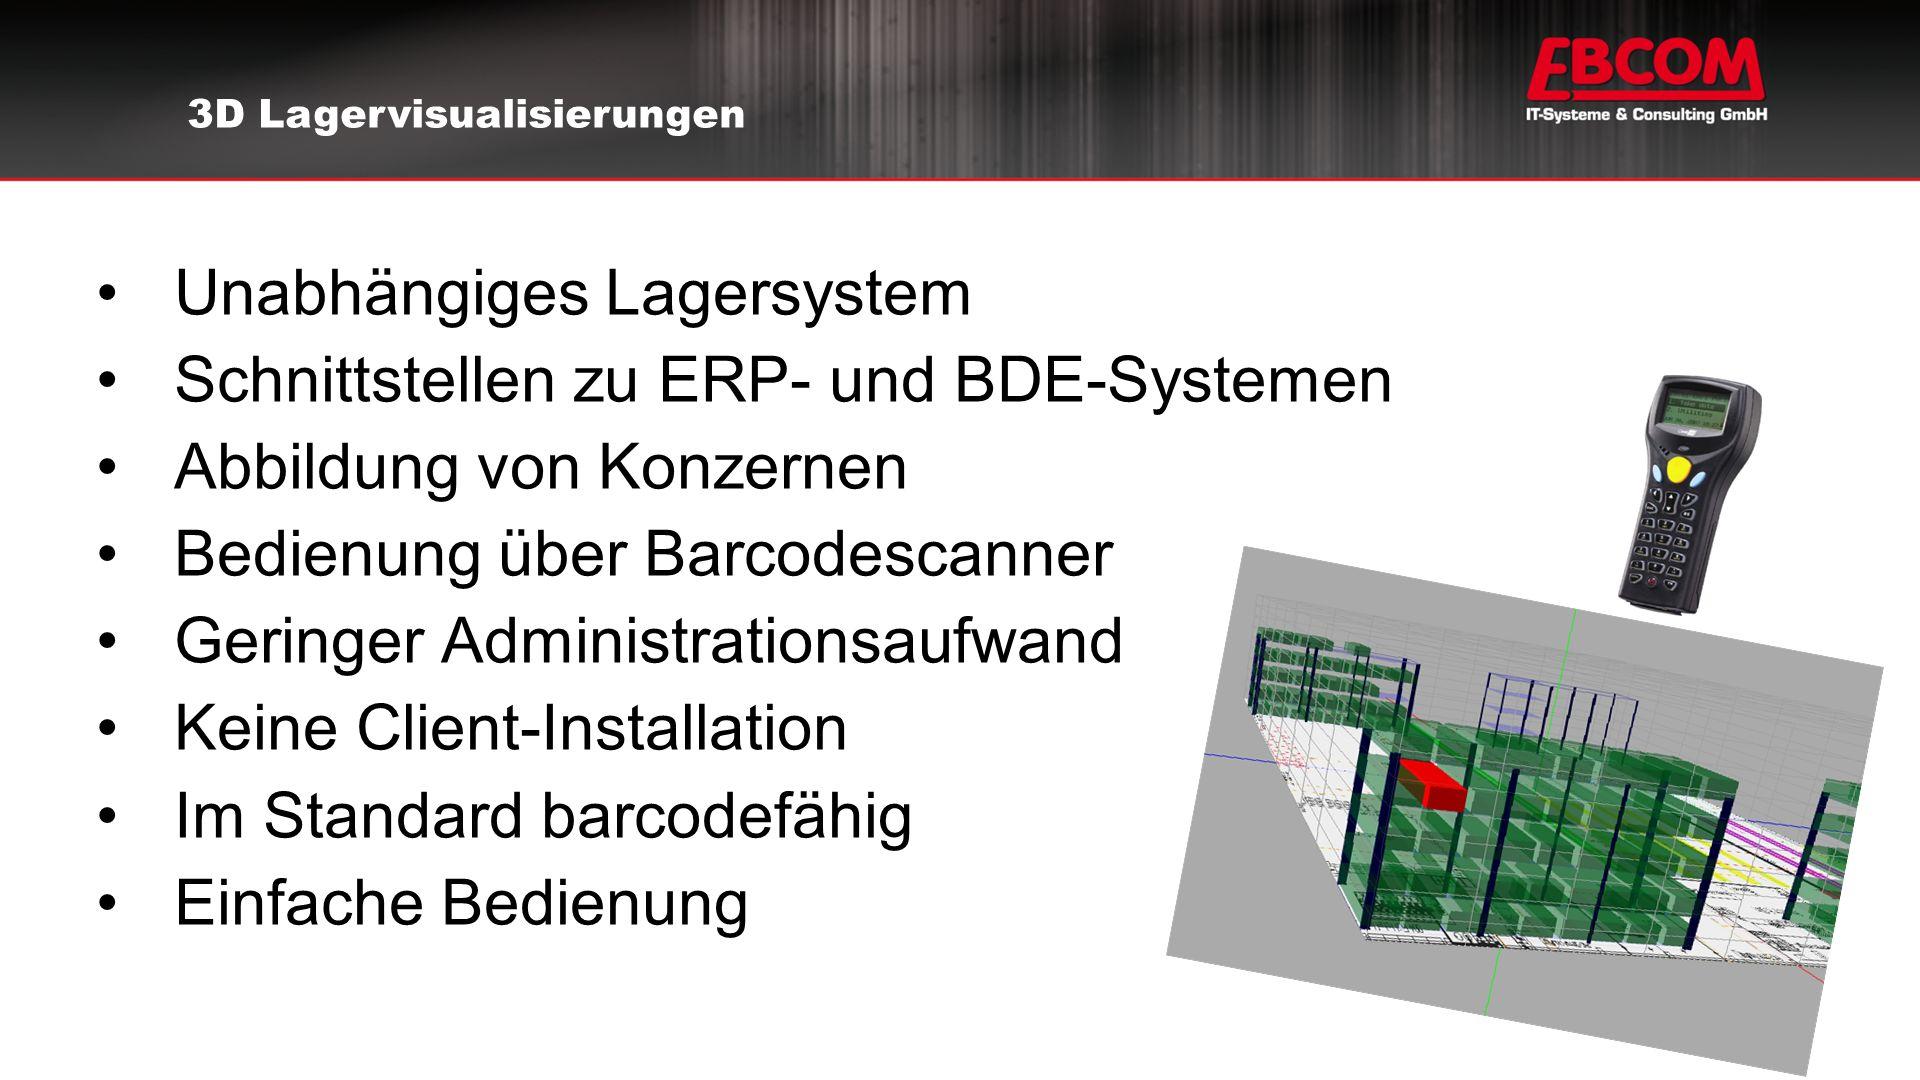 Unabhängiges Lagersystem Schnittstellen zu ERP- und BDE-Systemen Abbildung von Konzernen Bedienung über Barcodescanner Geringer Administrationsaufwand Keine Client-Installation Im Standard barcodefähig Einfache Bedienung 3D Lagervisualisierungen